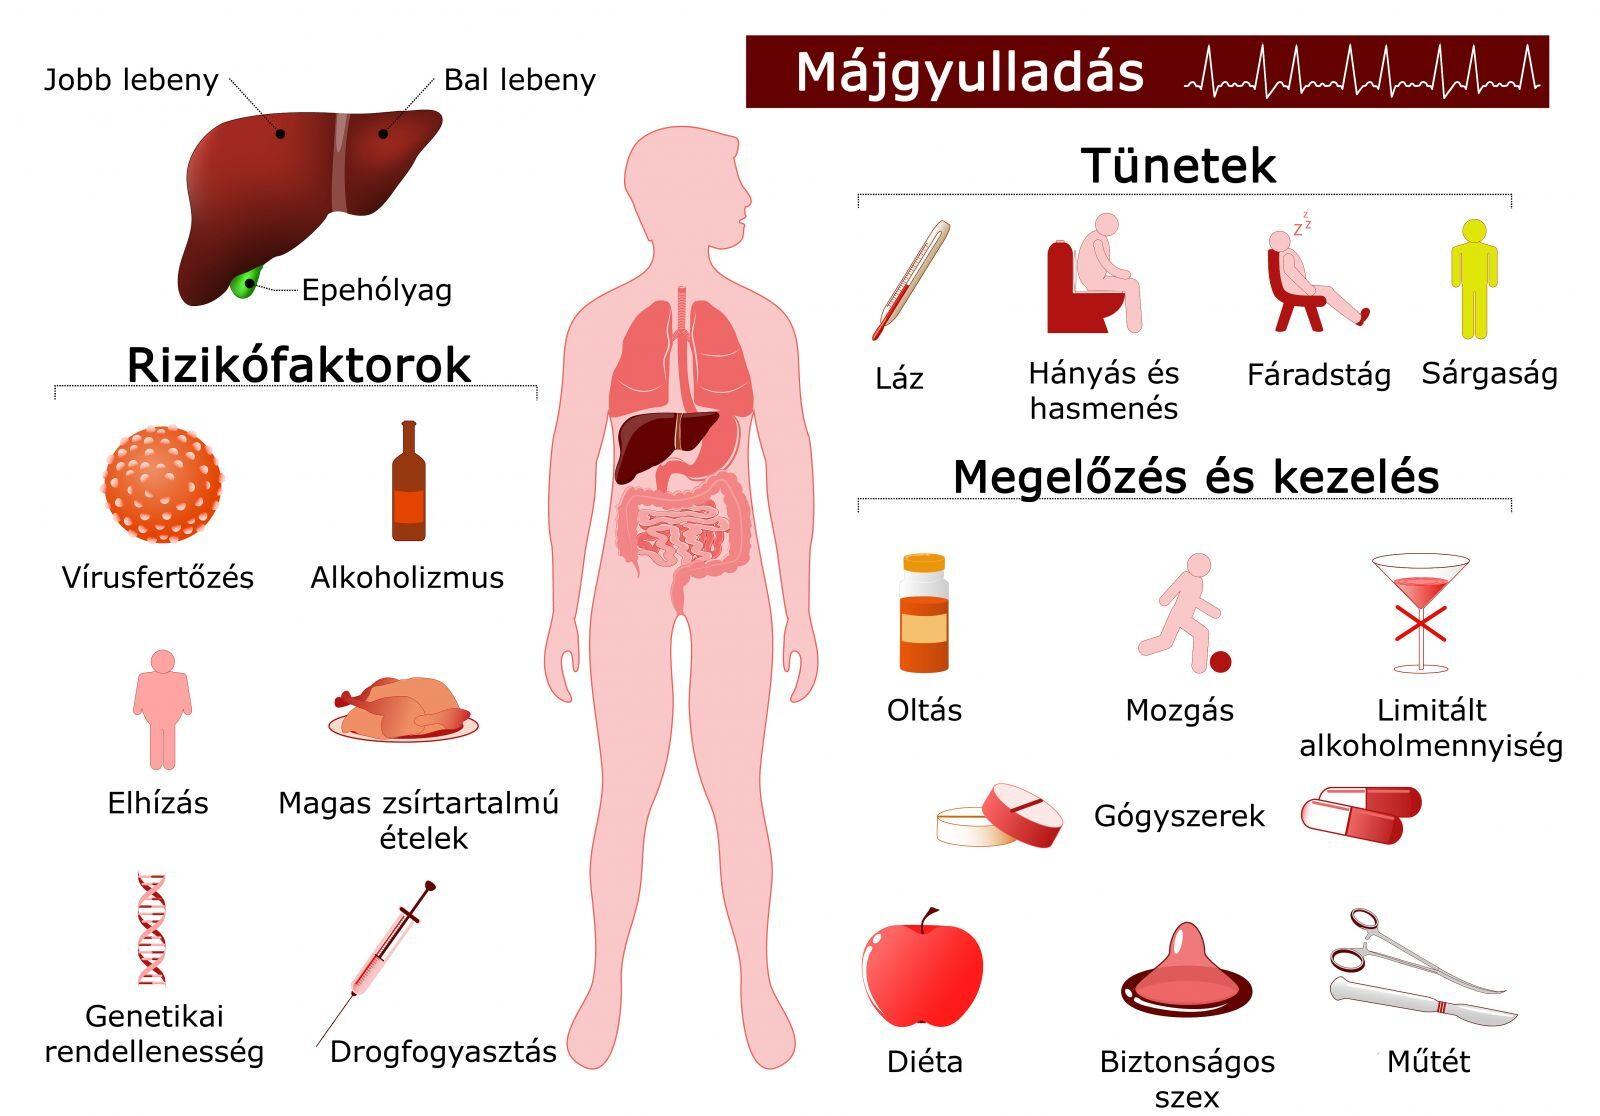 hymenolepidosis, amelyet ez a betegség okozott